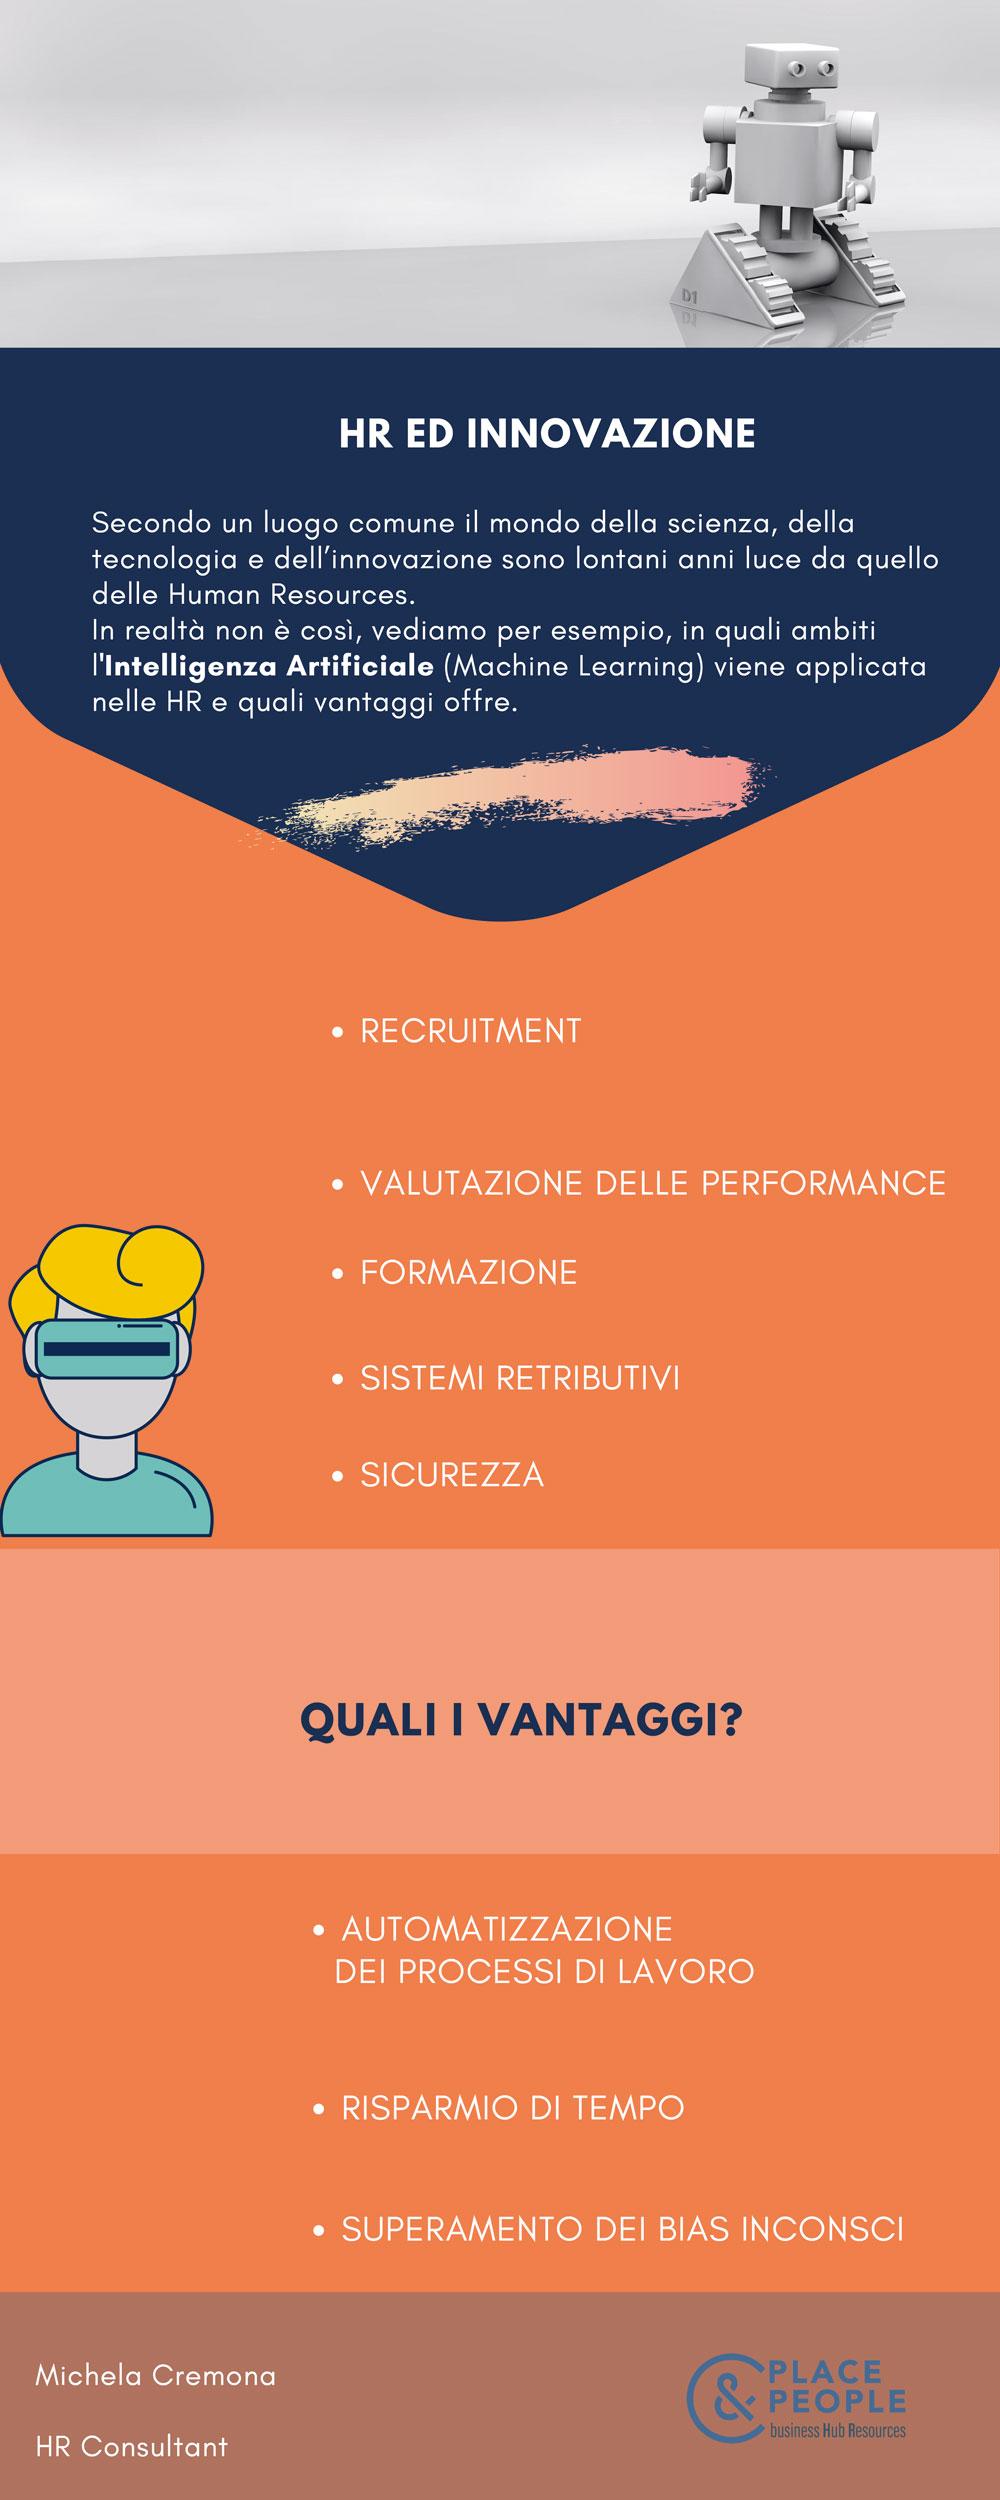 Infografica - HR ed Innovazione